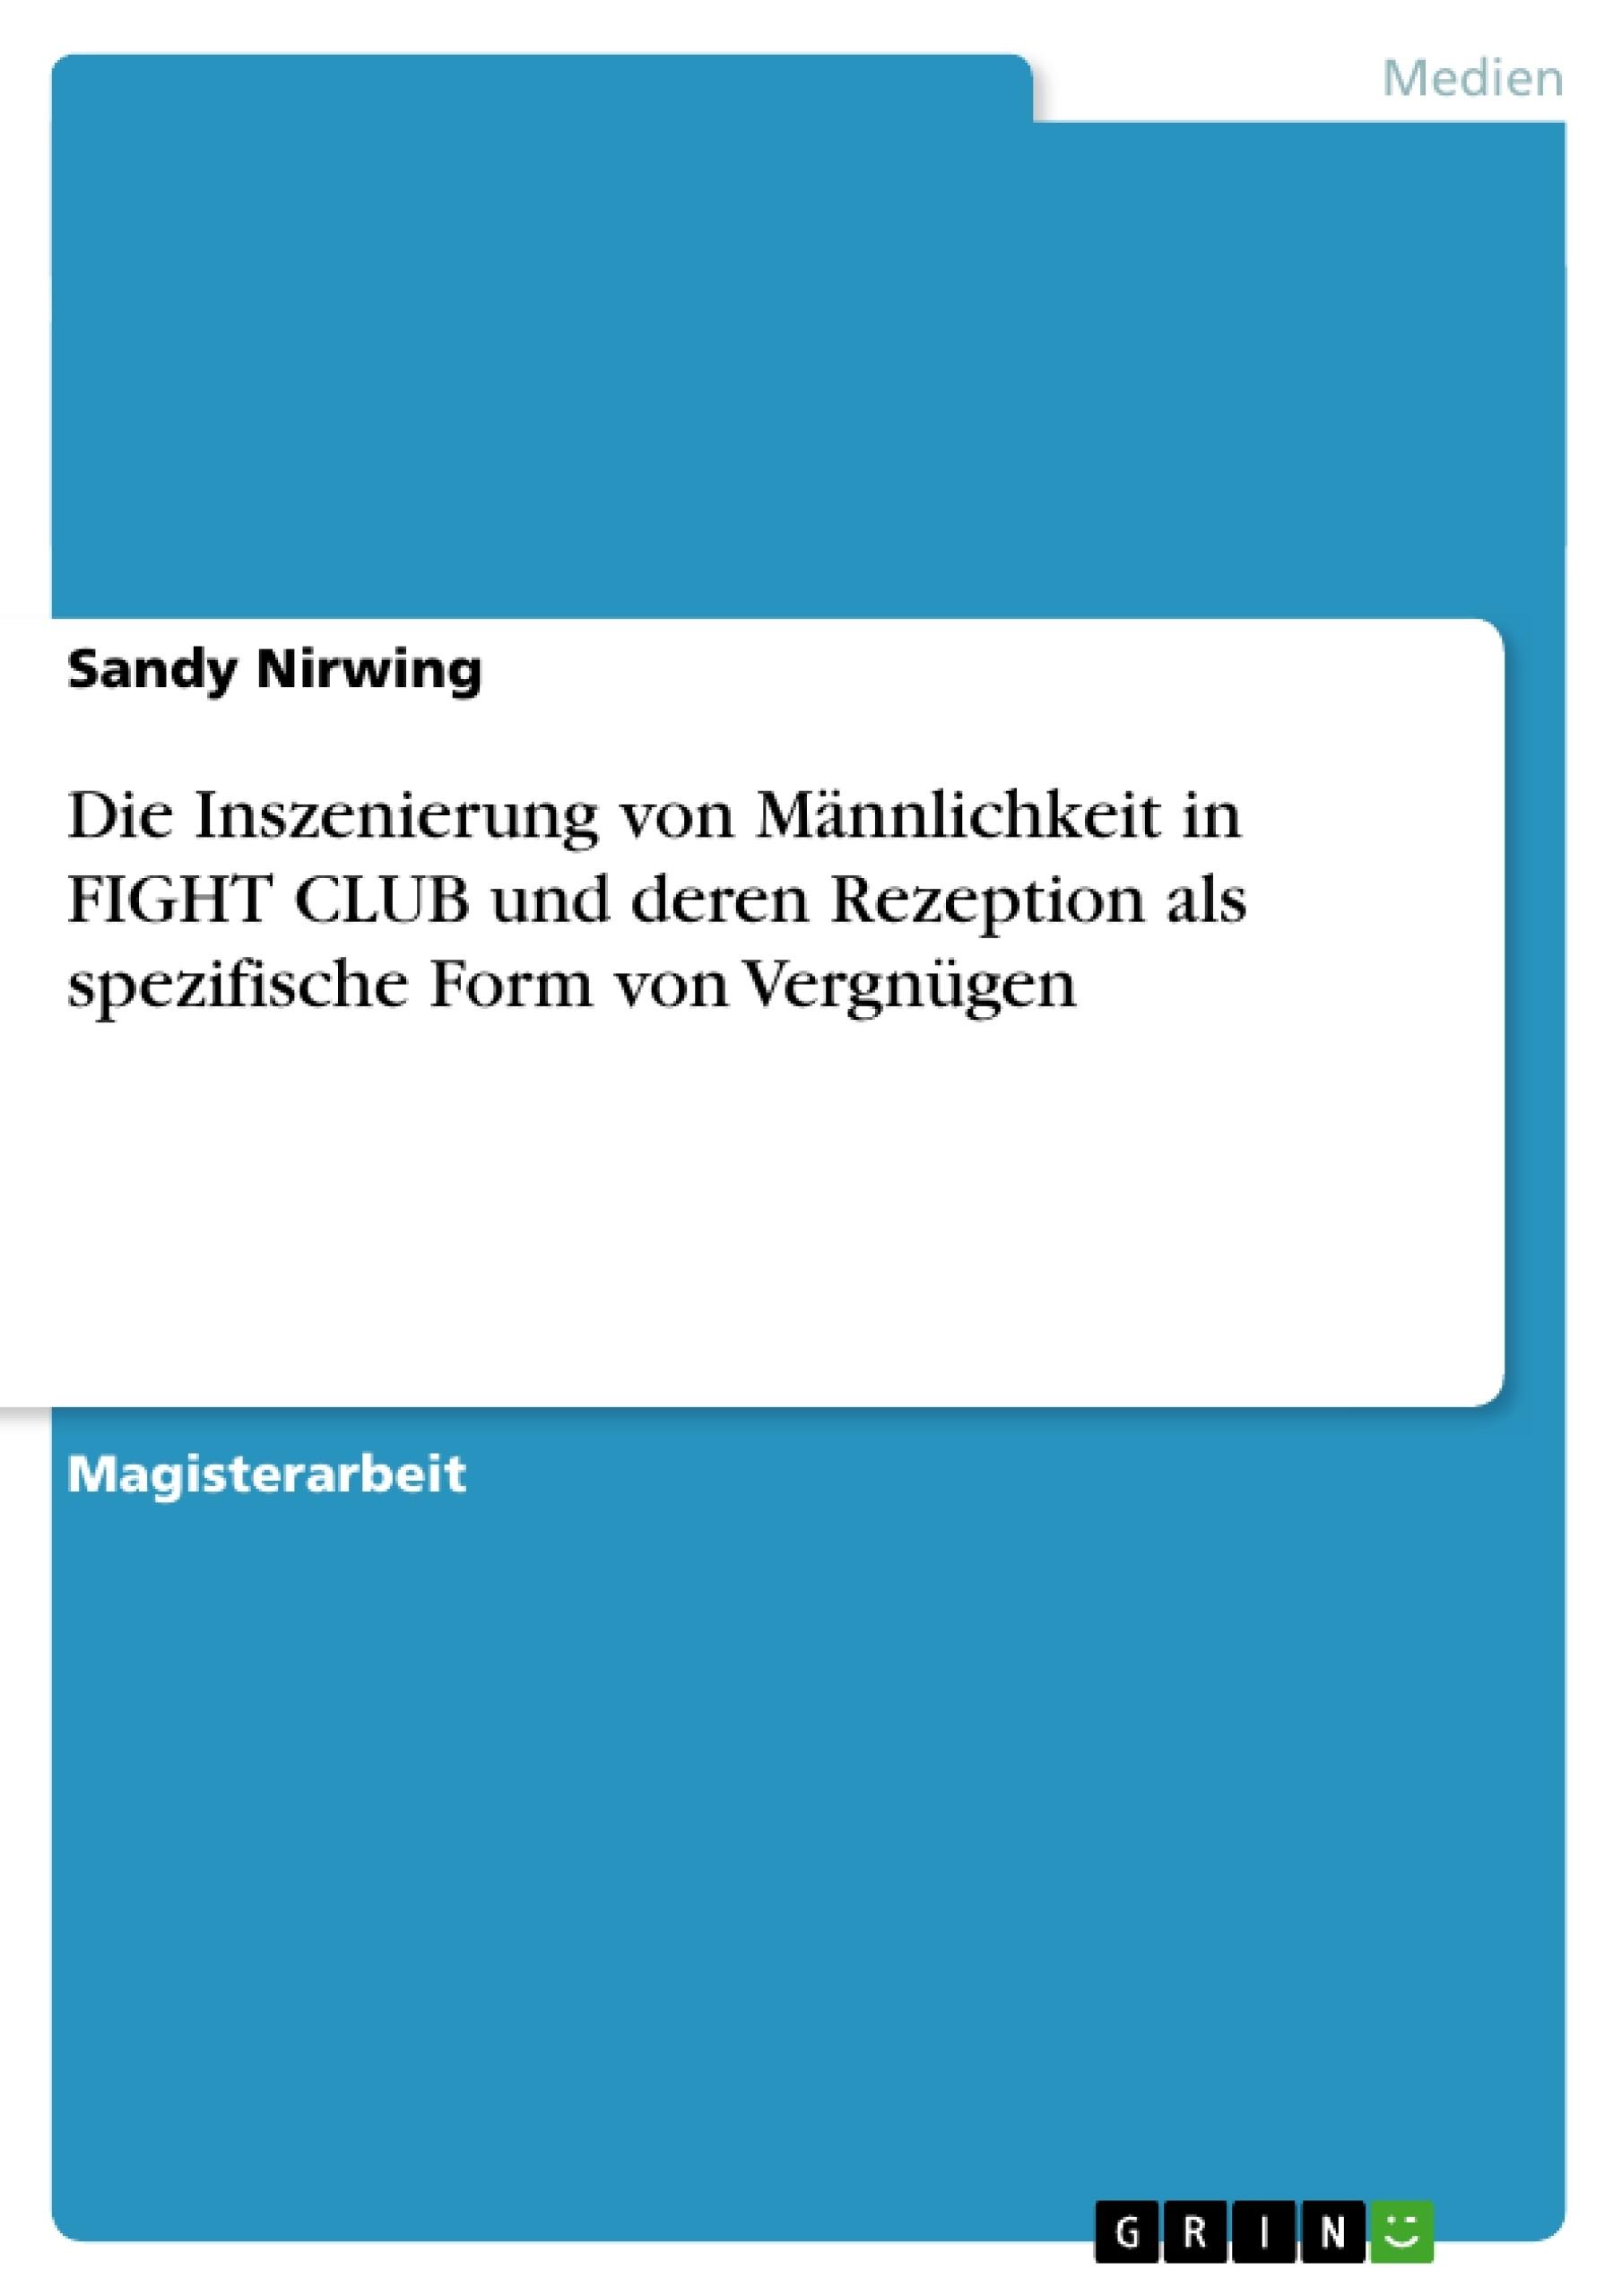 Titel: Die Inszenierung von Männlichkeit in FIGHT CLUB und deren Rezeption als spezifische Form von Vergnügen